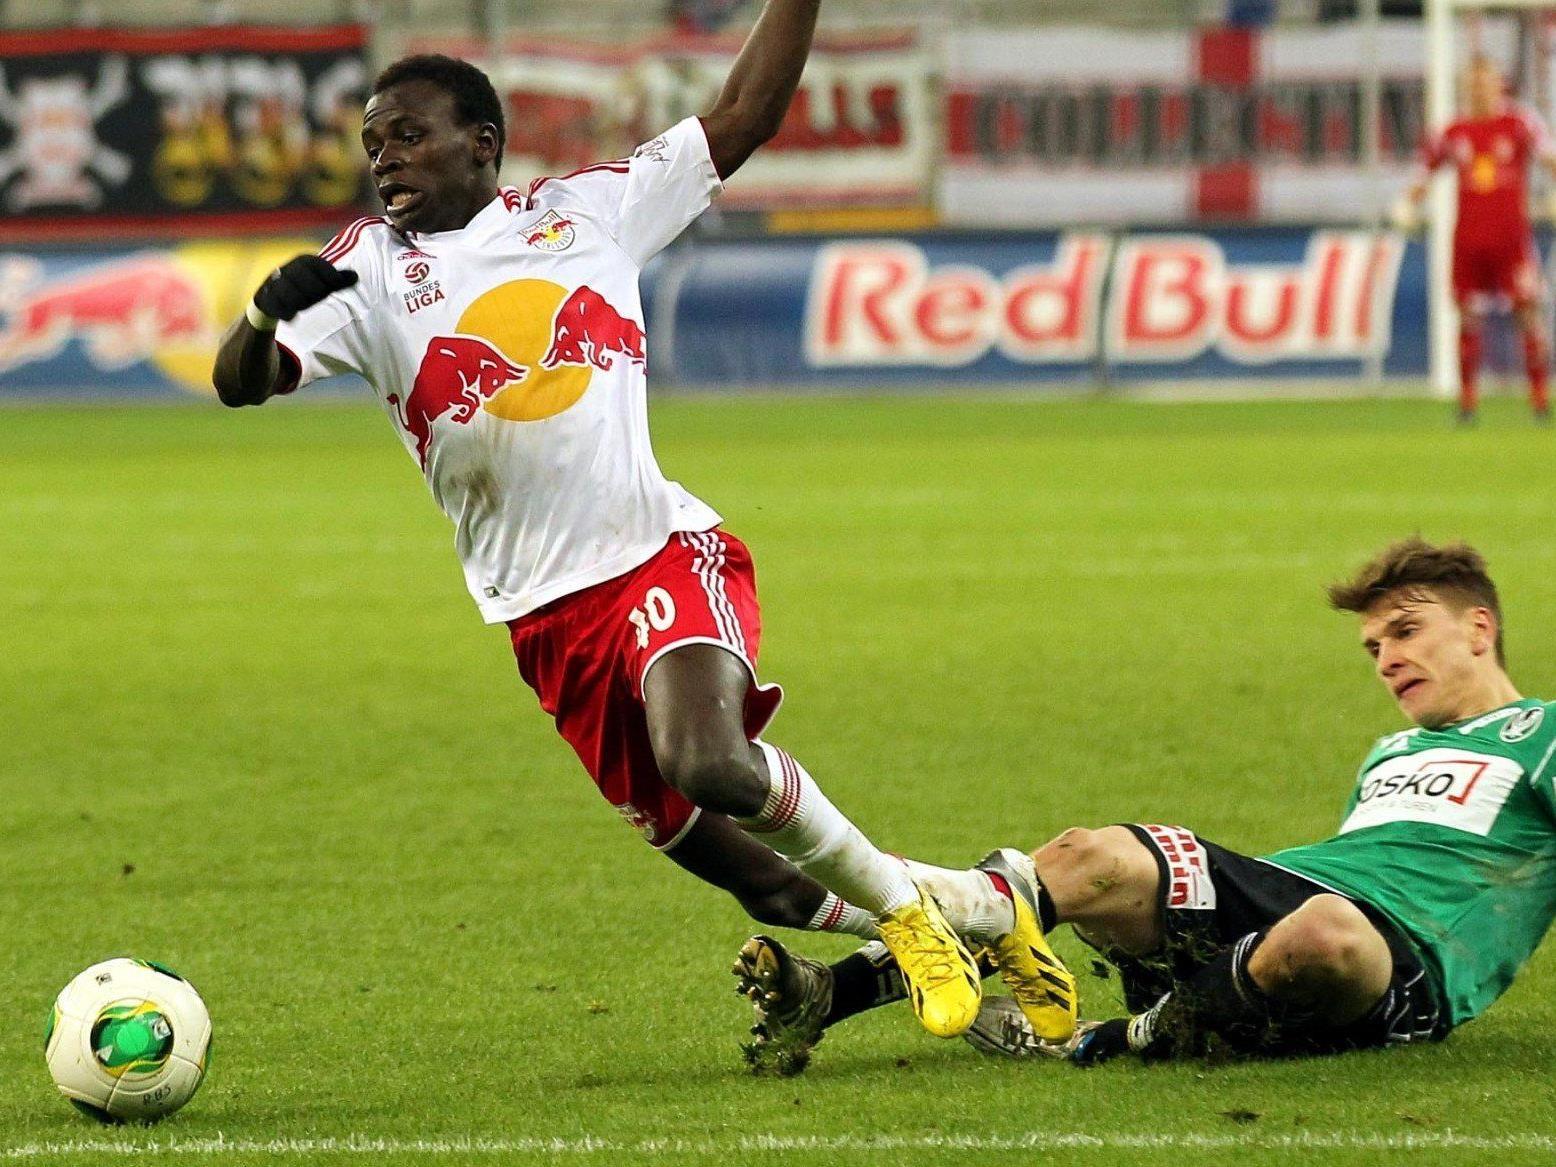 Wir berichten live vom Spiel SV Ried gegen Red Bull Salzburg in unserem Ticker.